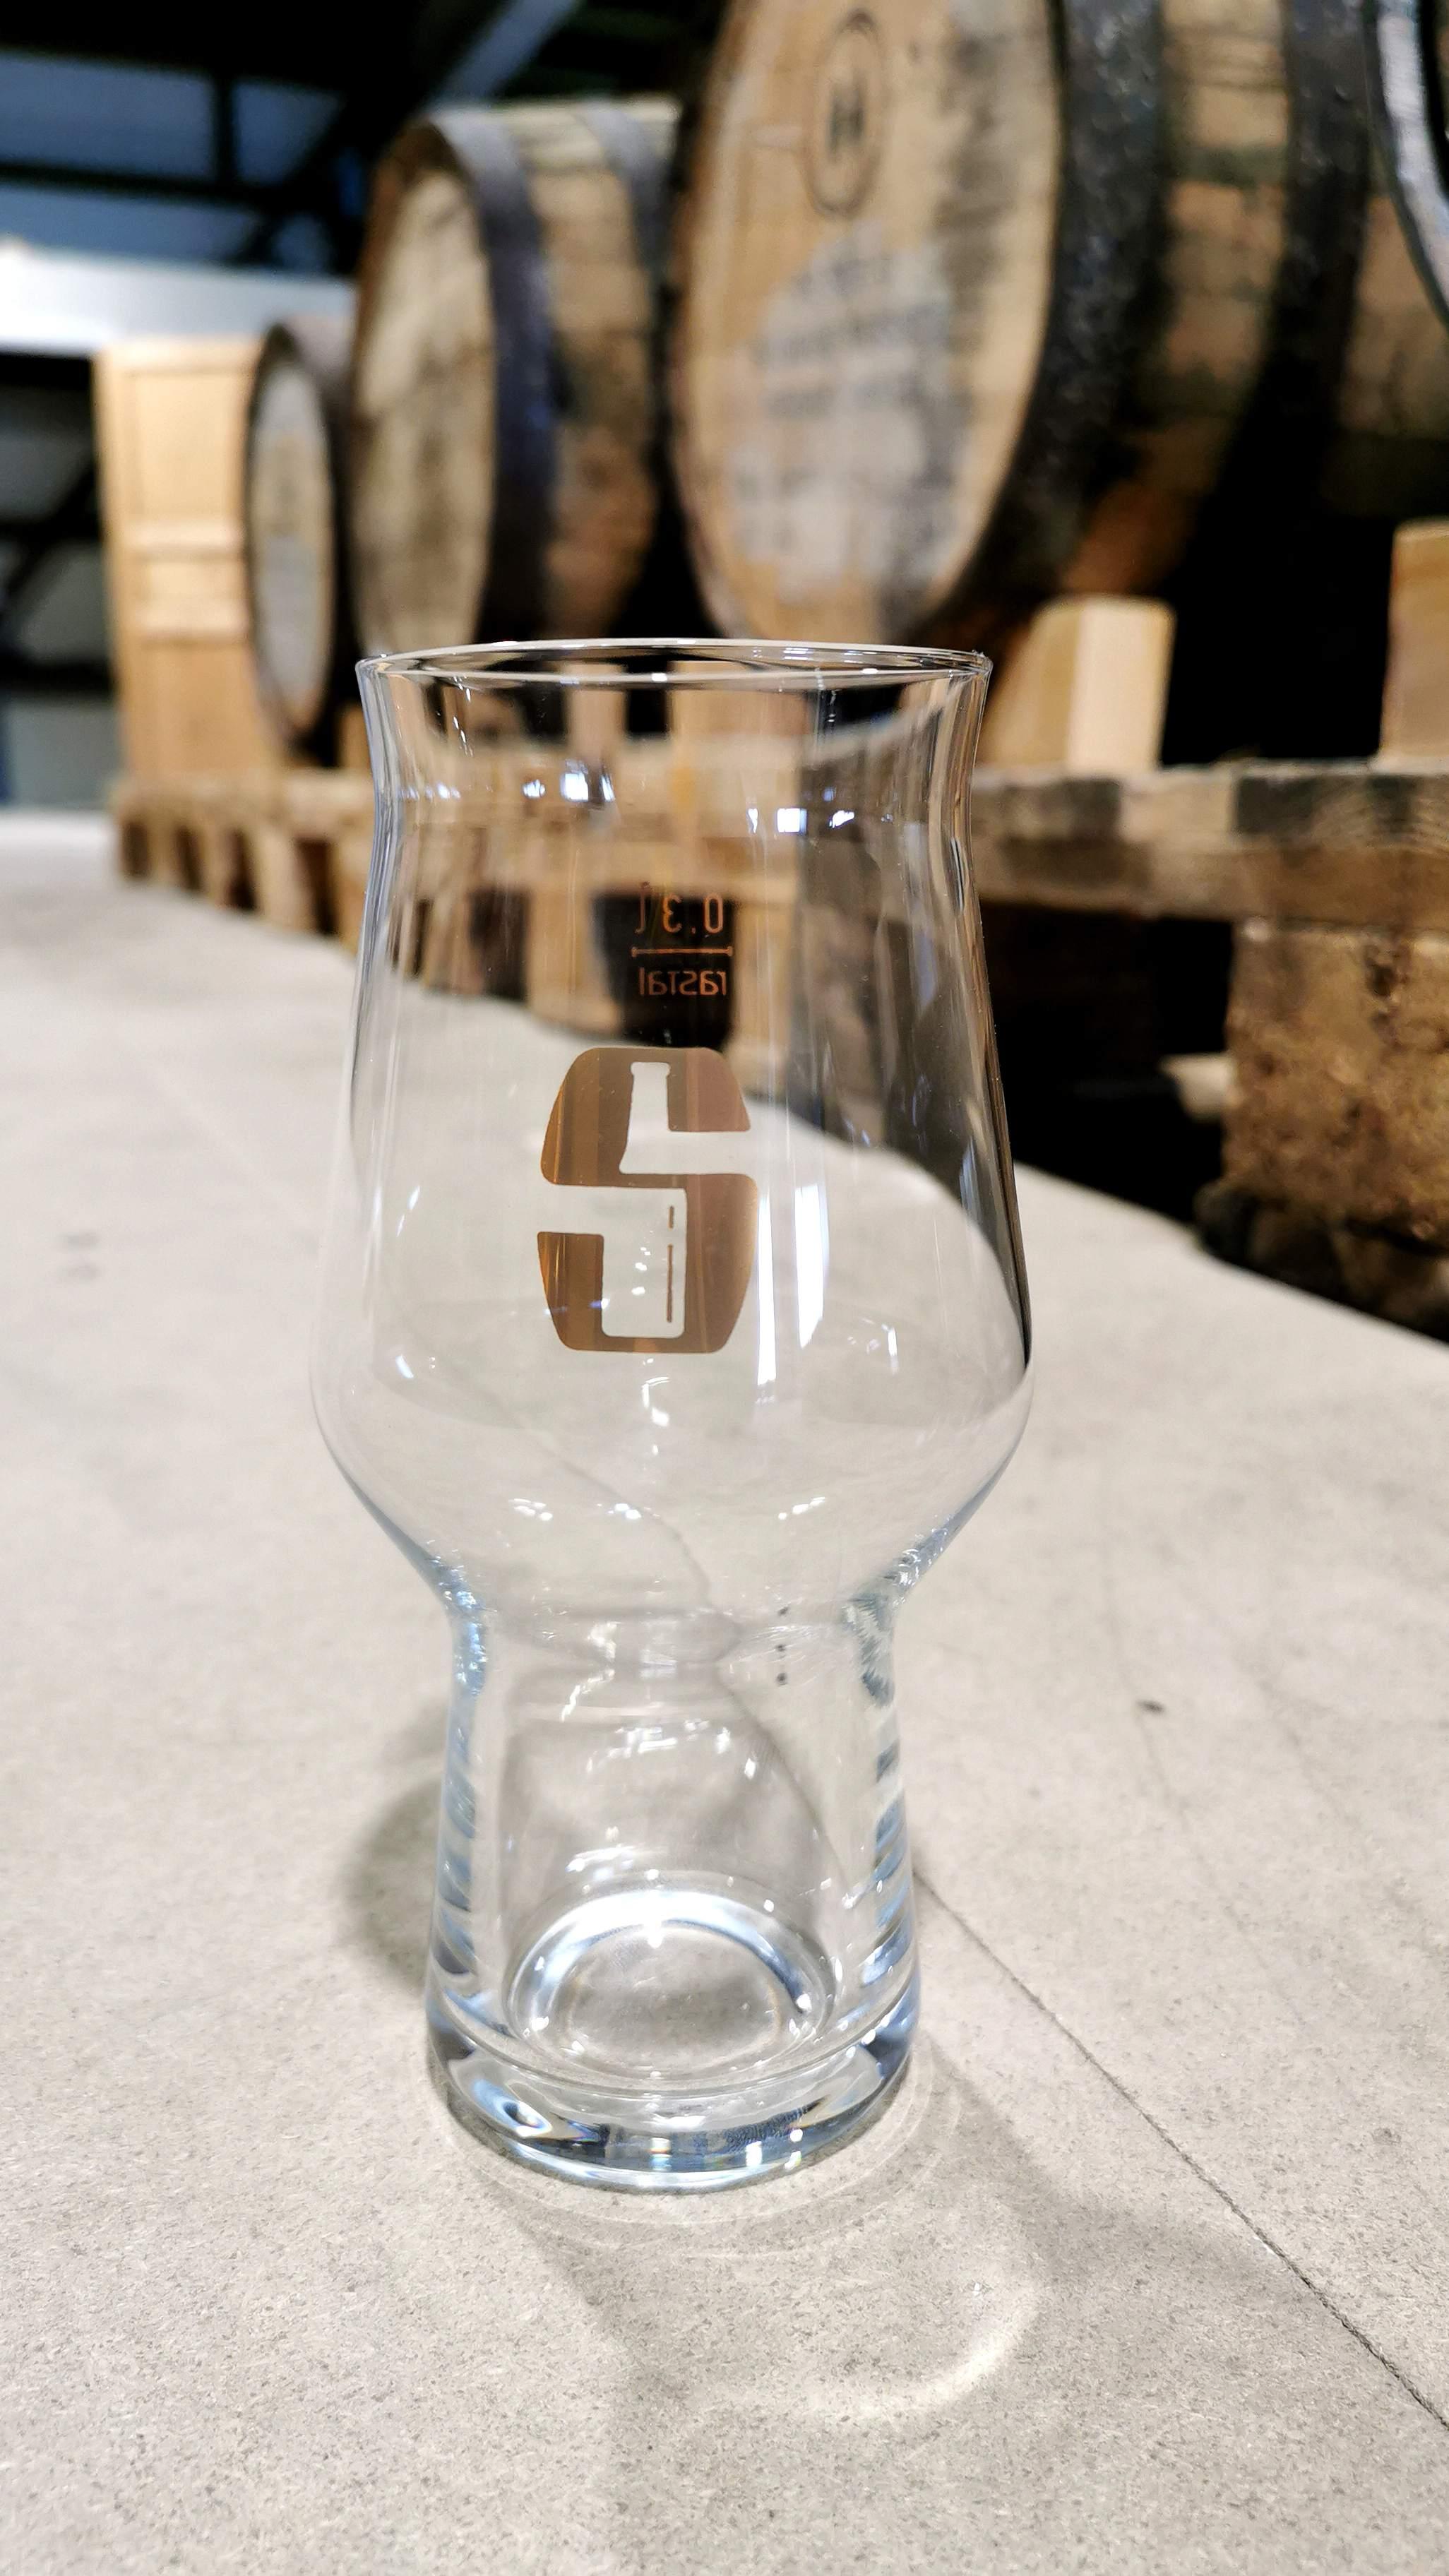 Salikattglass 0.3L